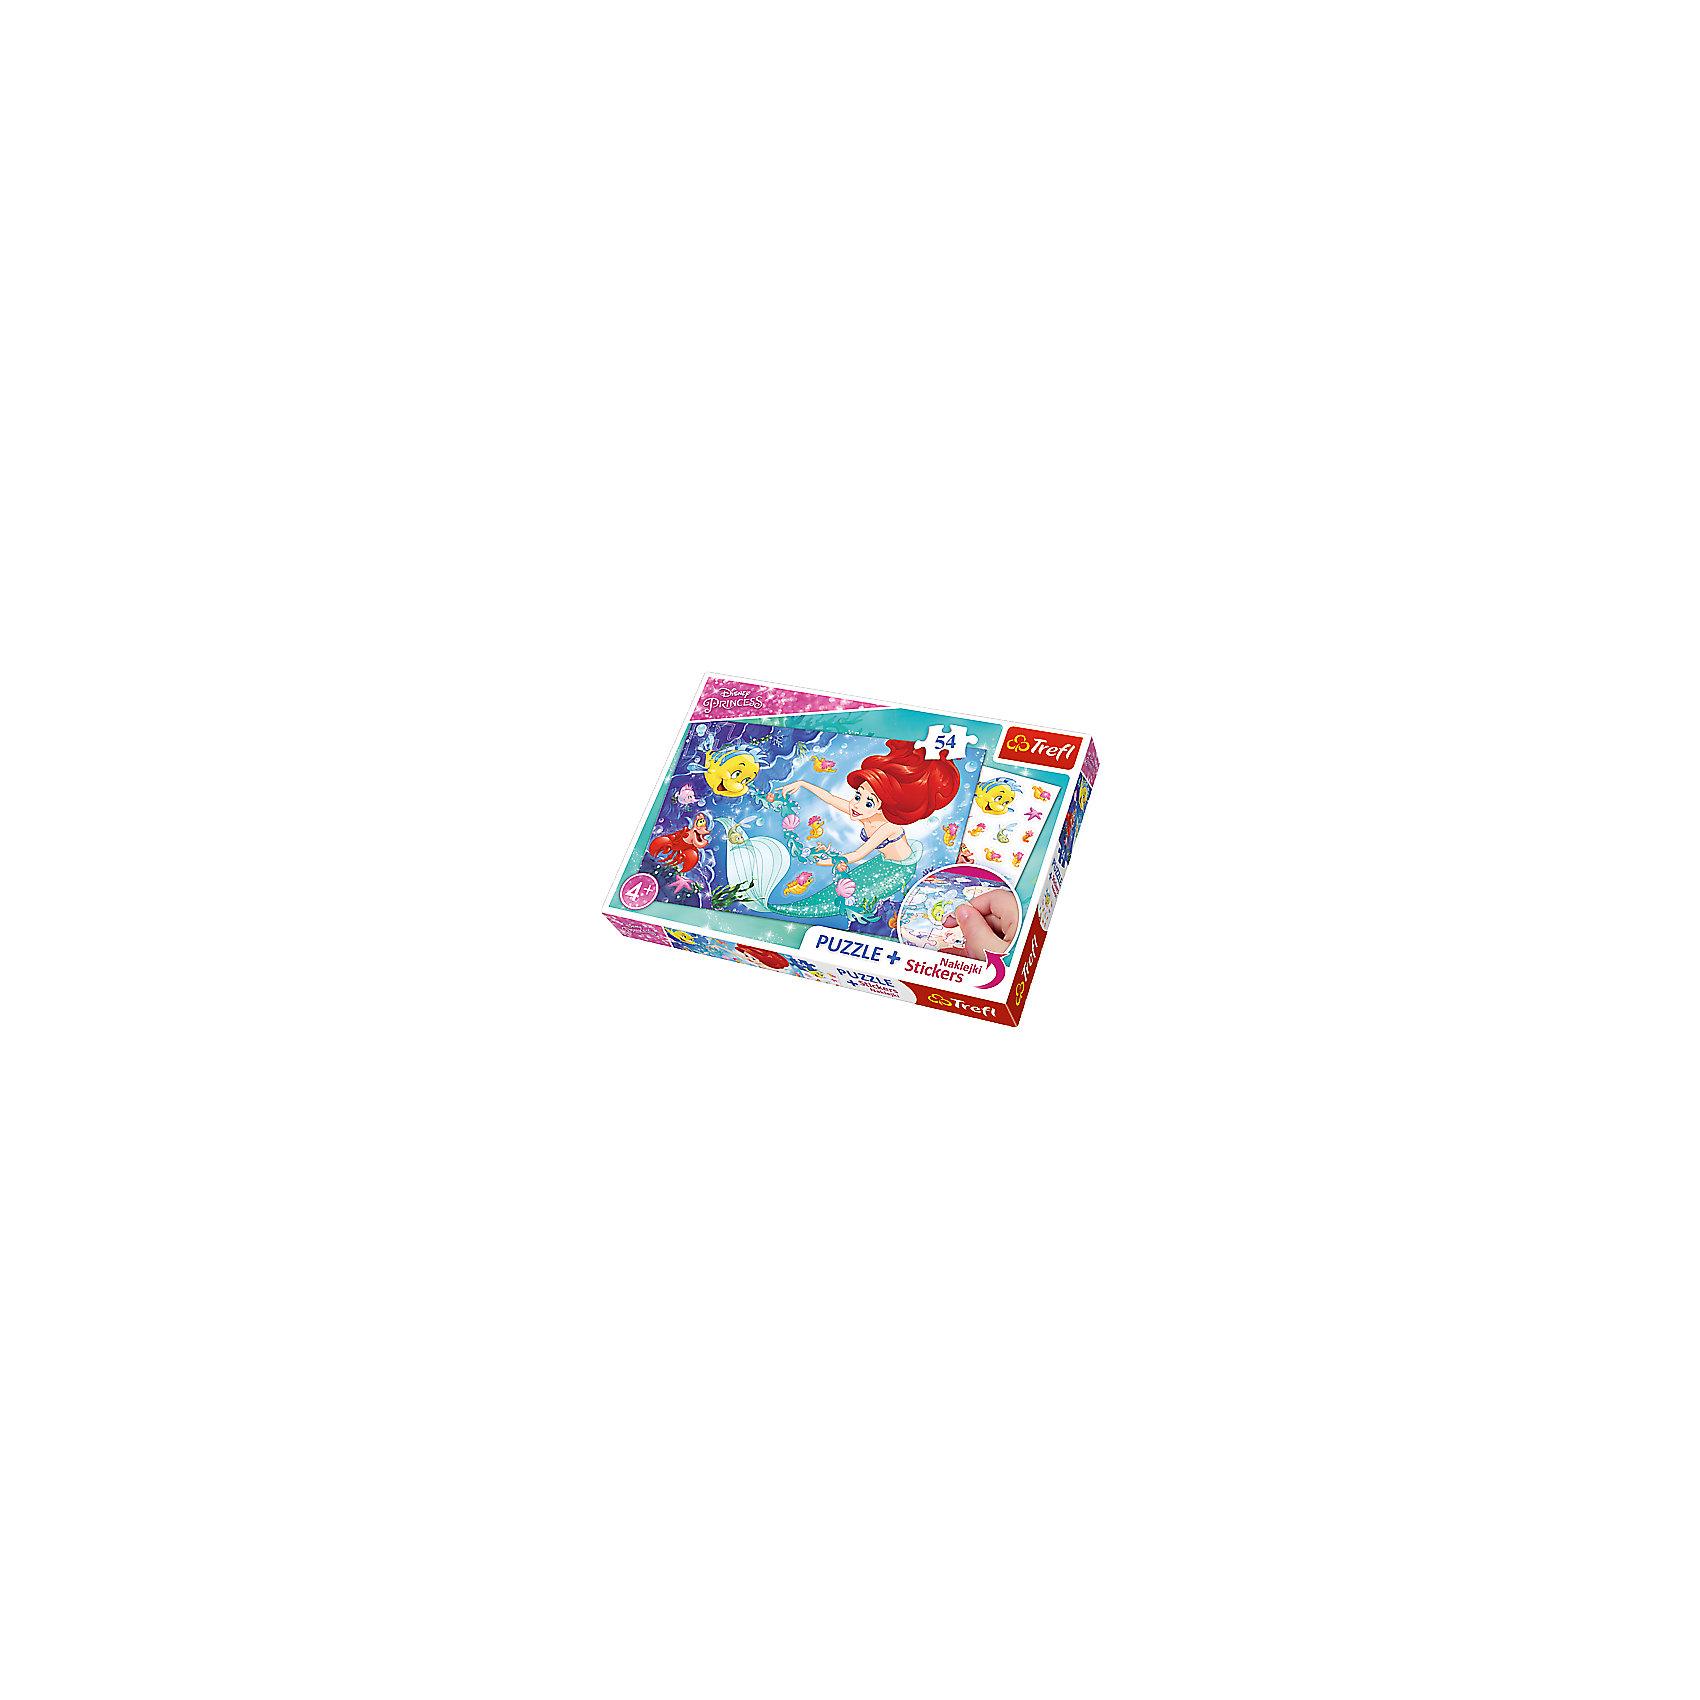 Пазлы Ариэль среди рыб, с наклейкамиПазлы для малышей<br>Огненно-рыжая Ариэль в компании своих добродушных друзей привлечет внимание маленькой непоседы! Пазл «Алиэль среди рыб» из 54 деталей и набором красочных стикеров станет отличным подарком для фанатки мультфильма Уолта Диснея.  Благодаря прочным и крупным элементам головоломки, ребенку будет удобно собирать картинку. Готовое изображение буквально оживет, когда кроха наклеит на него несколько ярких стикеров с обитателями подводного мира.  Сочное сочетание фиолетового, синего, голубого, бирюзового и оранжево-красного цветов подарит заряд бодрости ребенку и сможет украсить детскую комнату.  В наборе: 54 детали пазла, стикеры.  Размер картинки в собранном виде: 33х22 см<br><br>Ширина мм: 336<br>Глубина мм: 233<br>Высота мм: 43<br>Вес г: 326<br>Возраст от месяцев: 60<br>Возраст до месяцев: 84<br>Пол: Женский<br>Возраст: Детский<br>Количество деталей: 54<br>SKU: 5390257